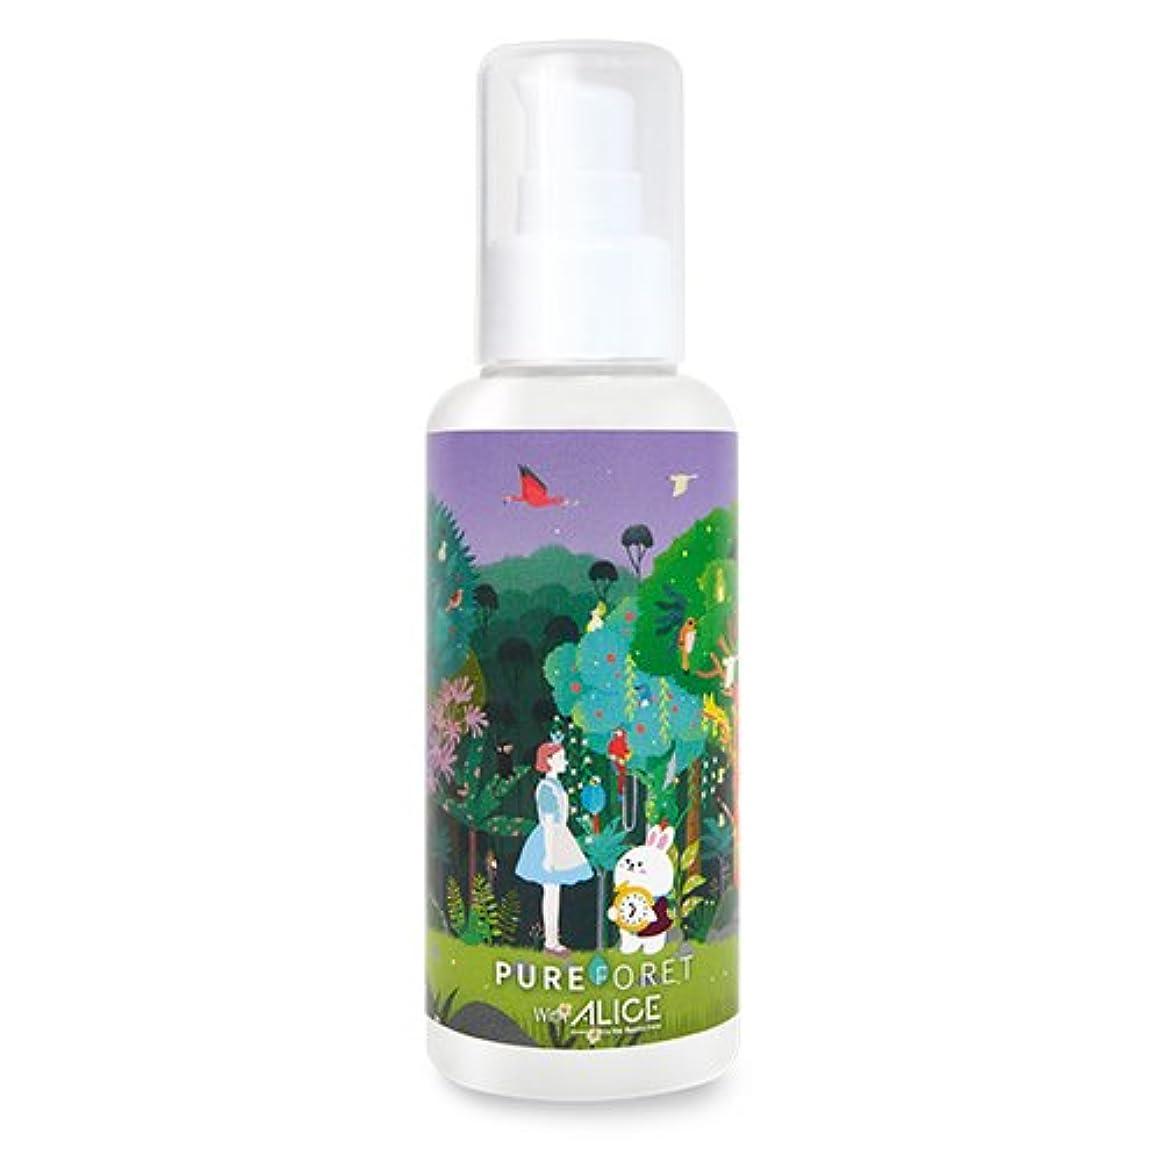 カプセル鼻市町村韓国産 Pureforet x Alice スキンリペアラビット ハイドレーティング 乳液. (150ml)